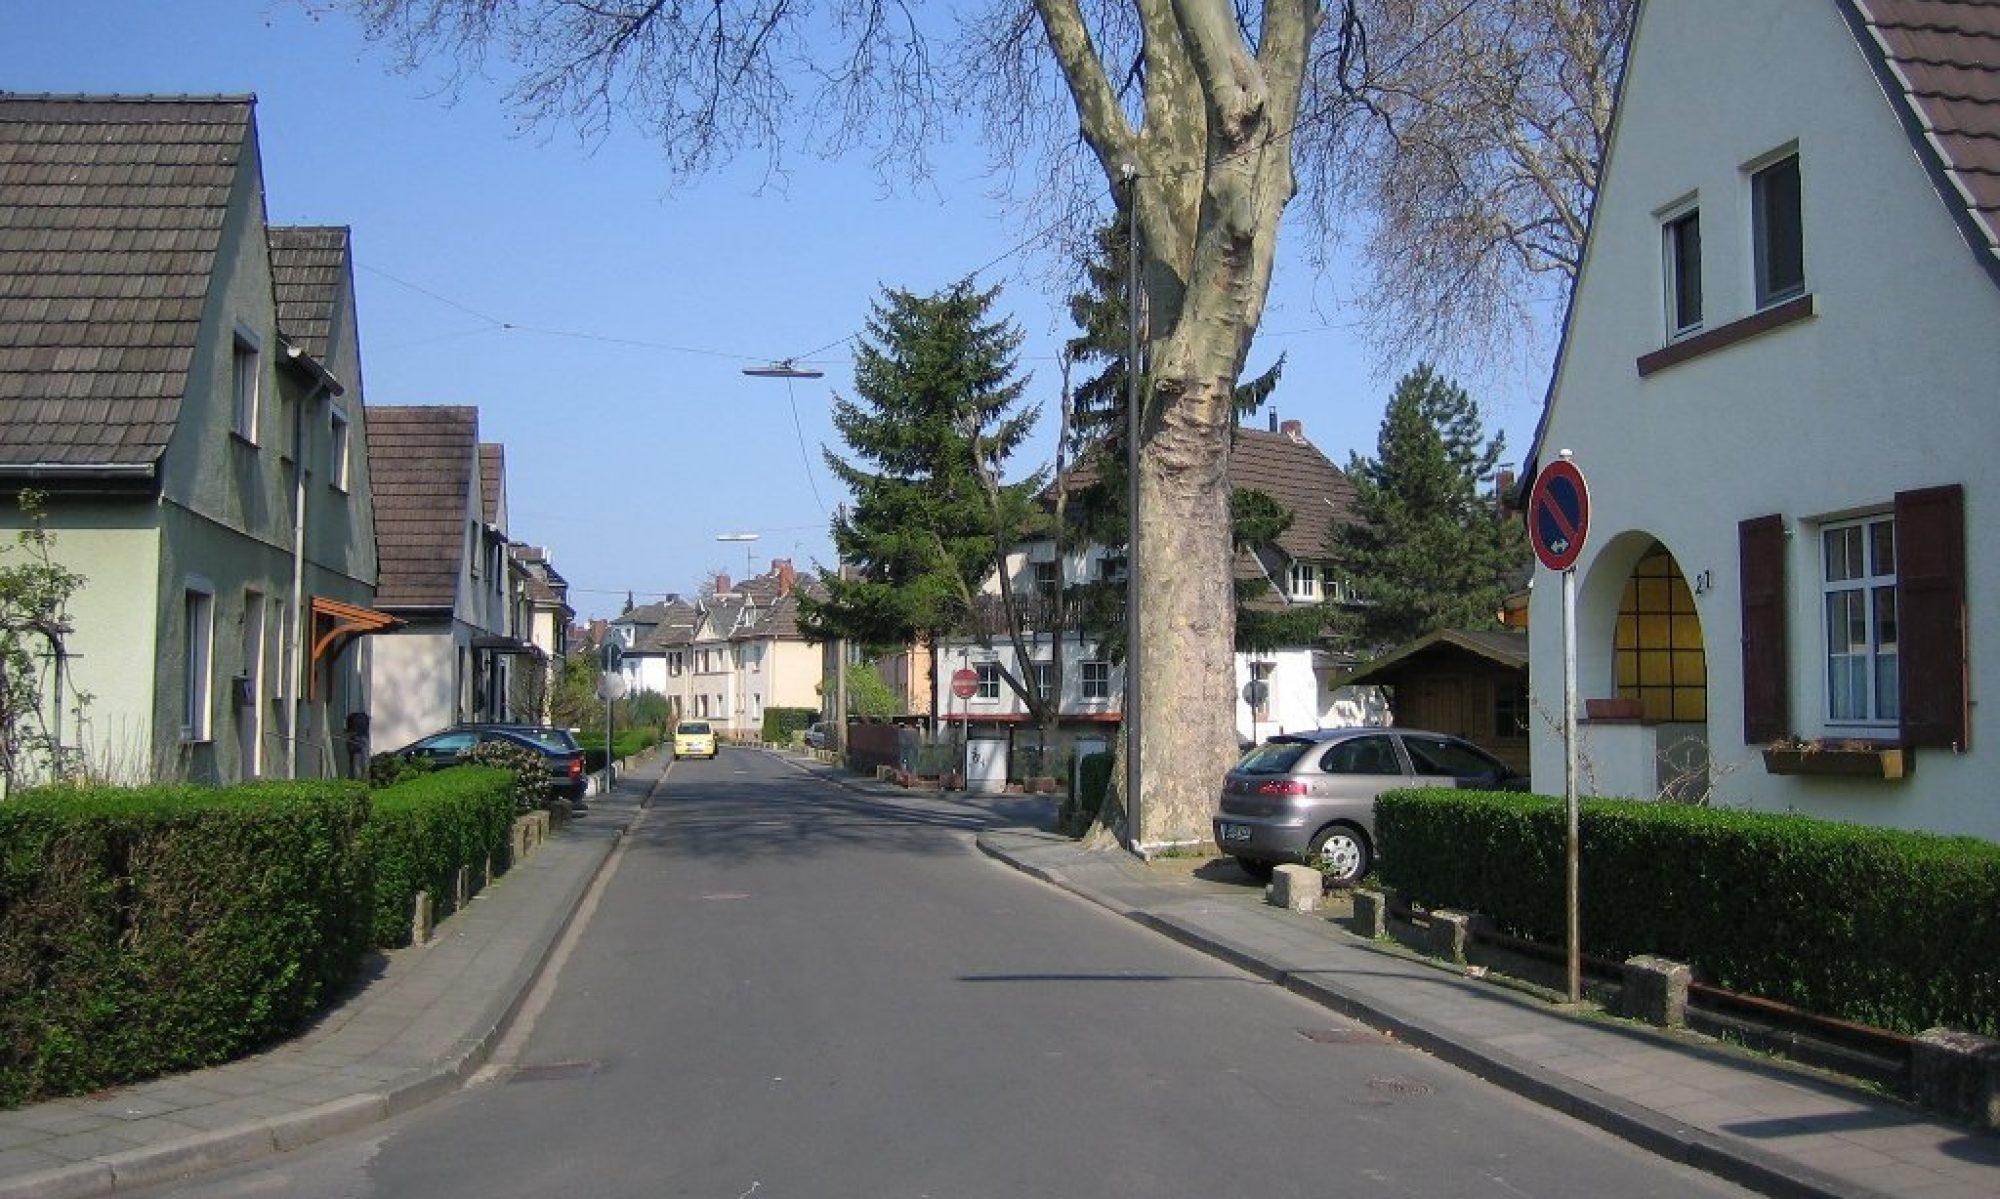 www.Langenstrasse.de